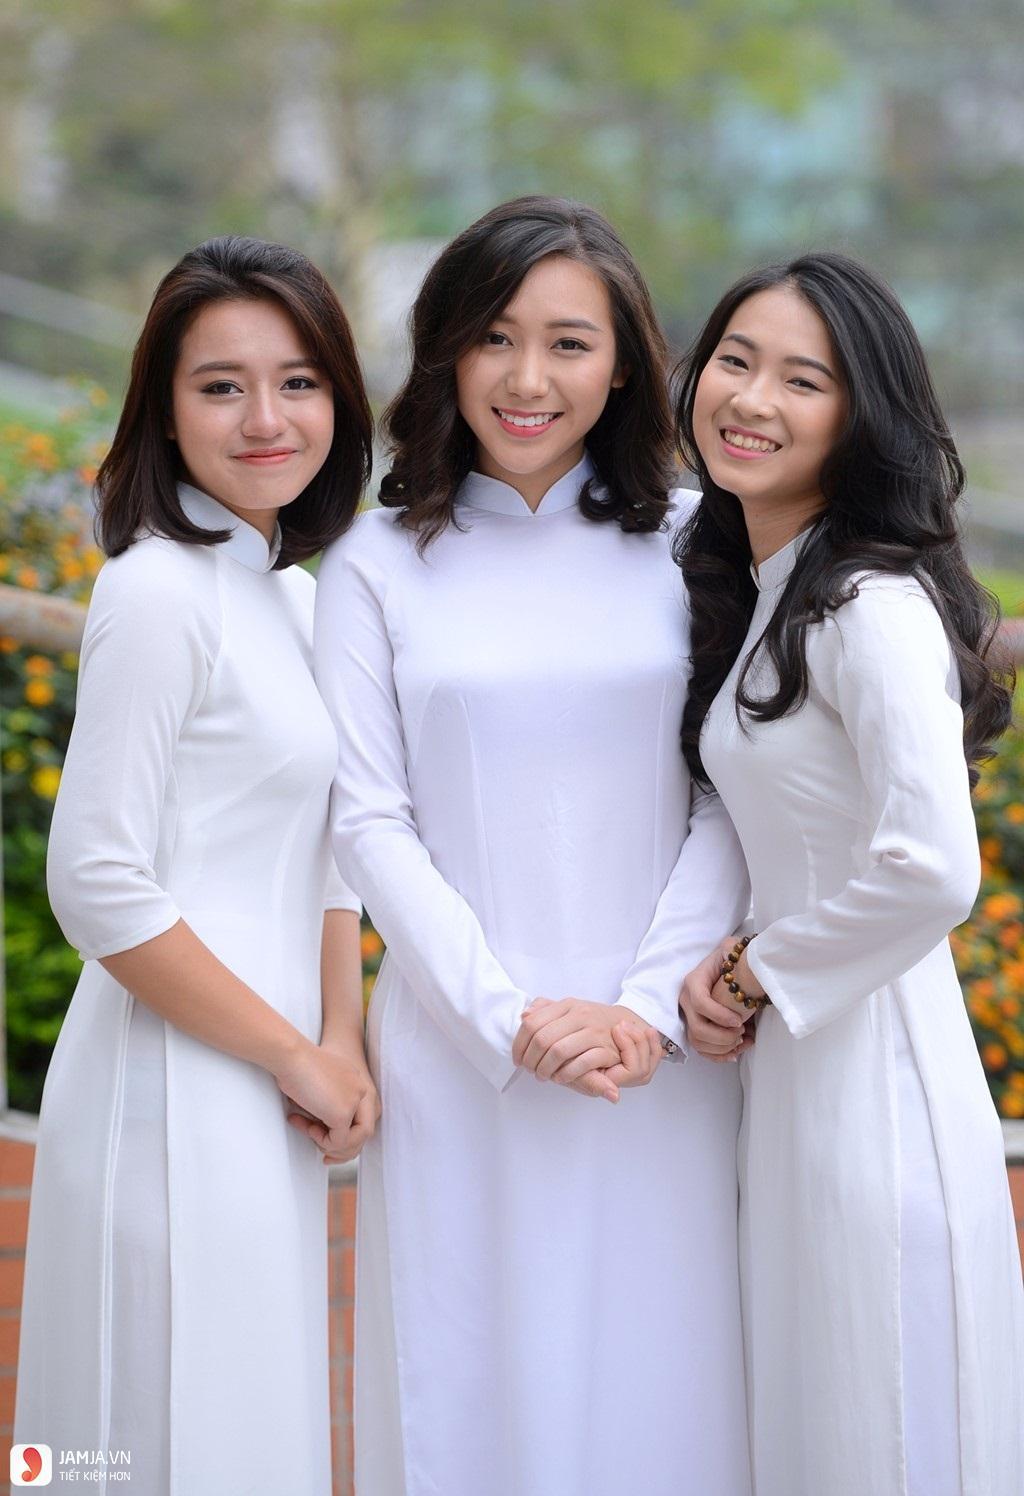 Các kiểu áo dài trắng nữ sinh đẹp-3